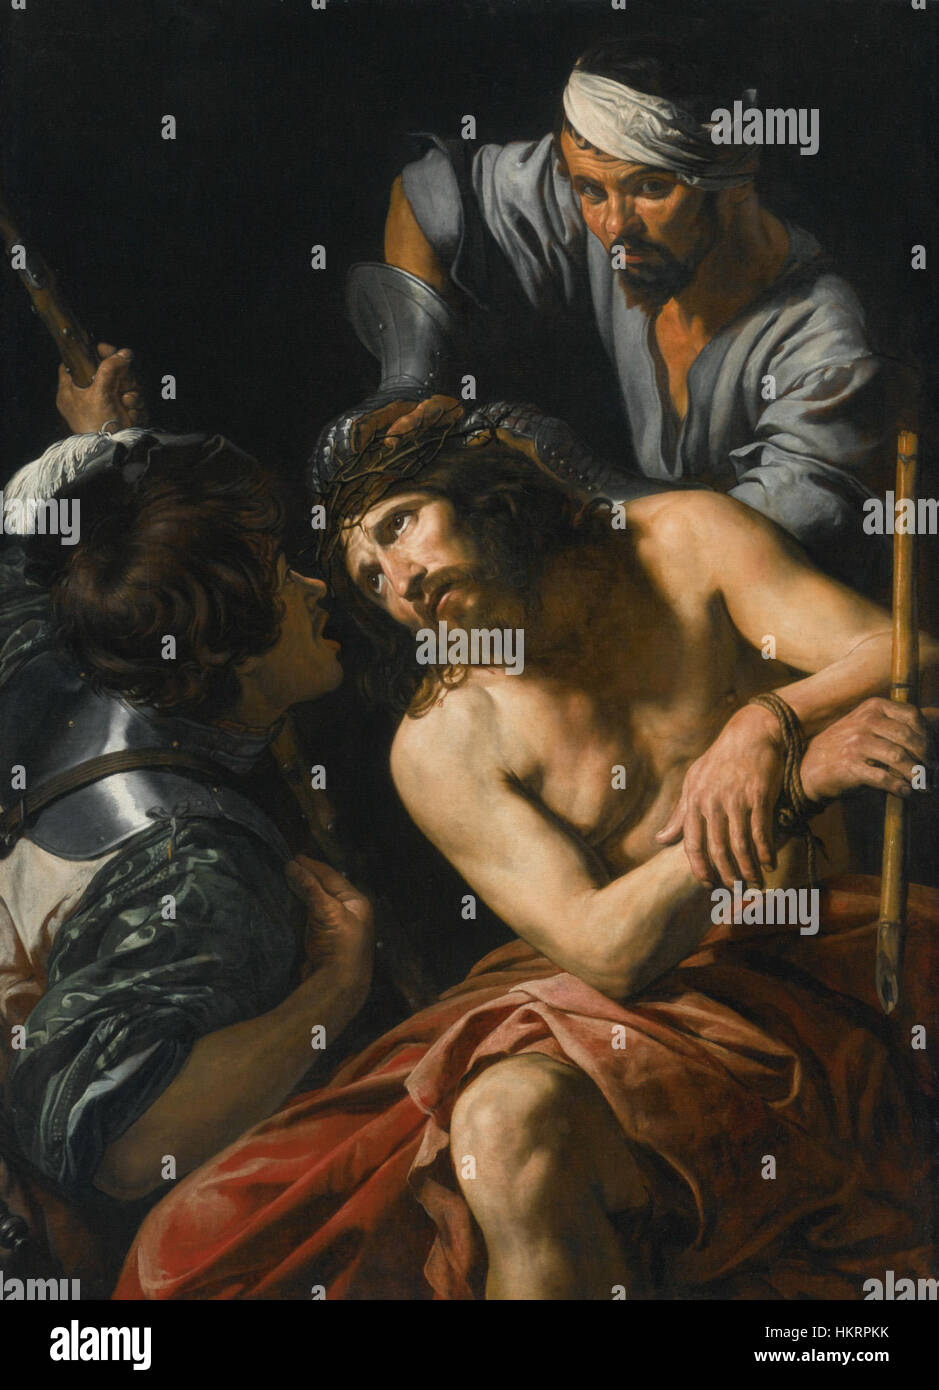 Coronazione di spine - Valentin de Boulogne - Stock Image